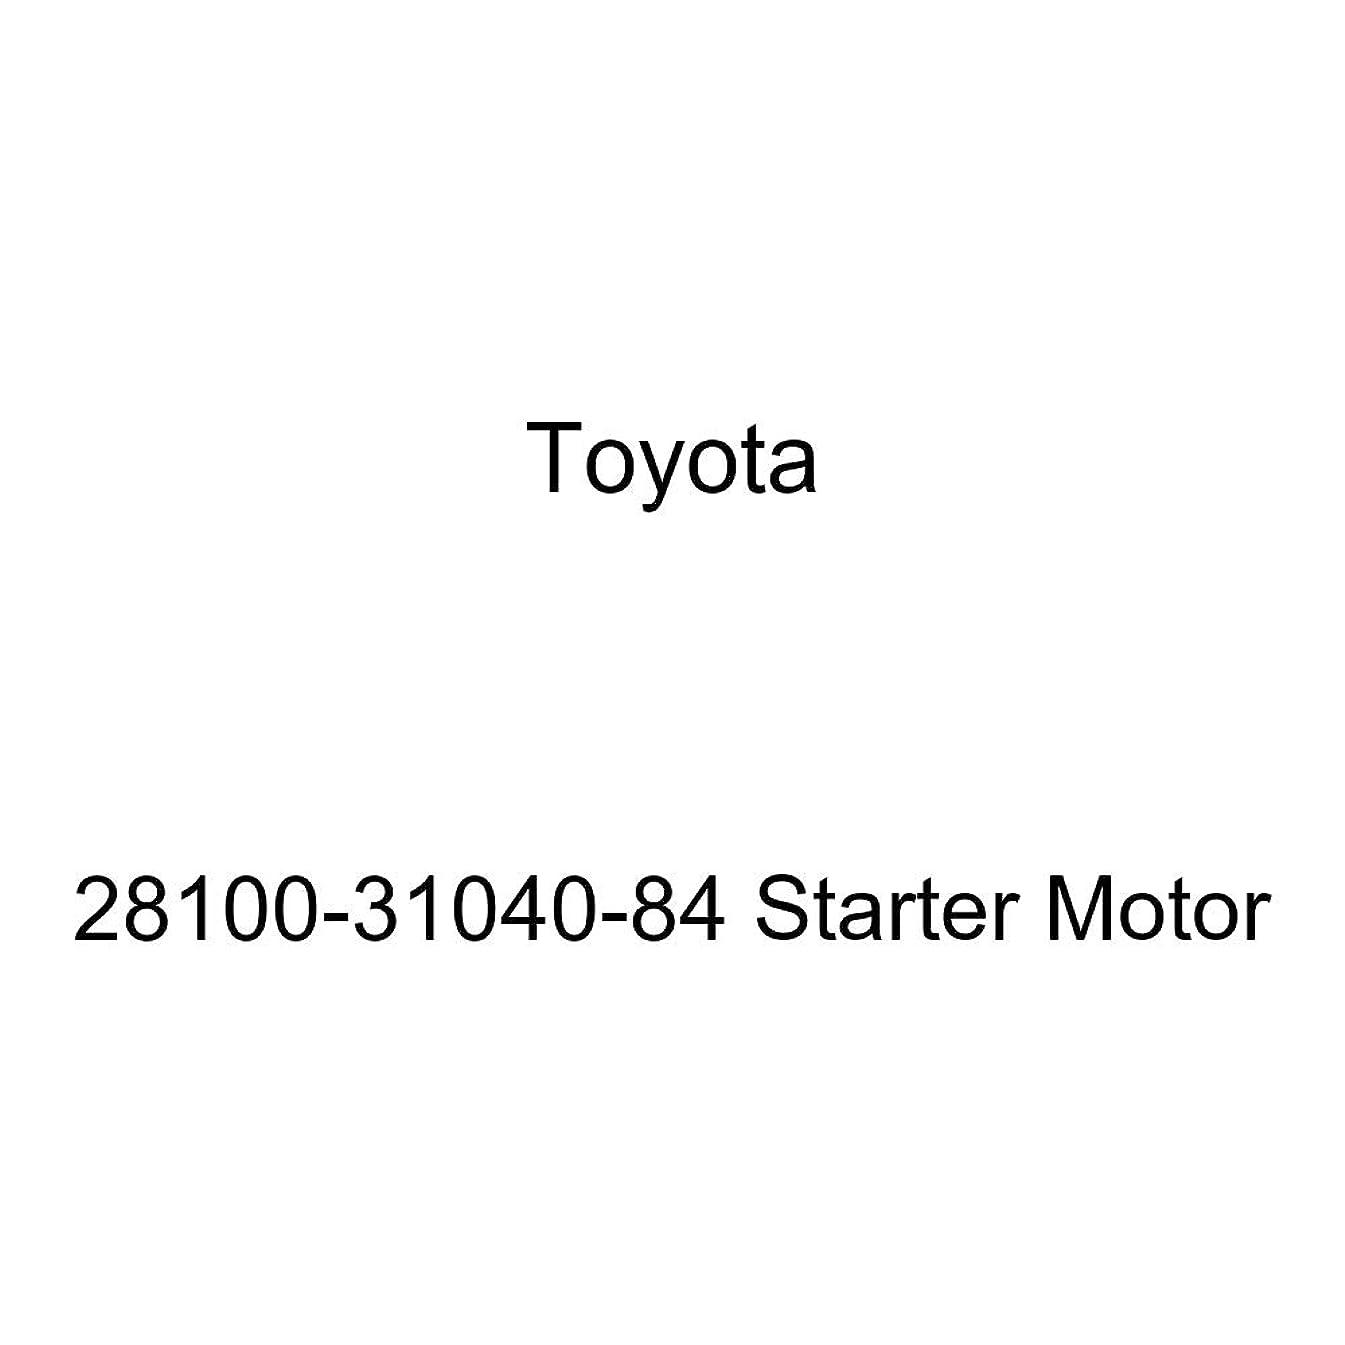 Toyota 28100-31040-84 Starter Motor